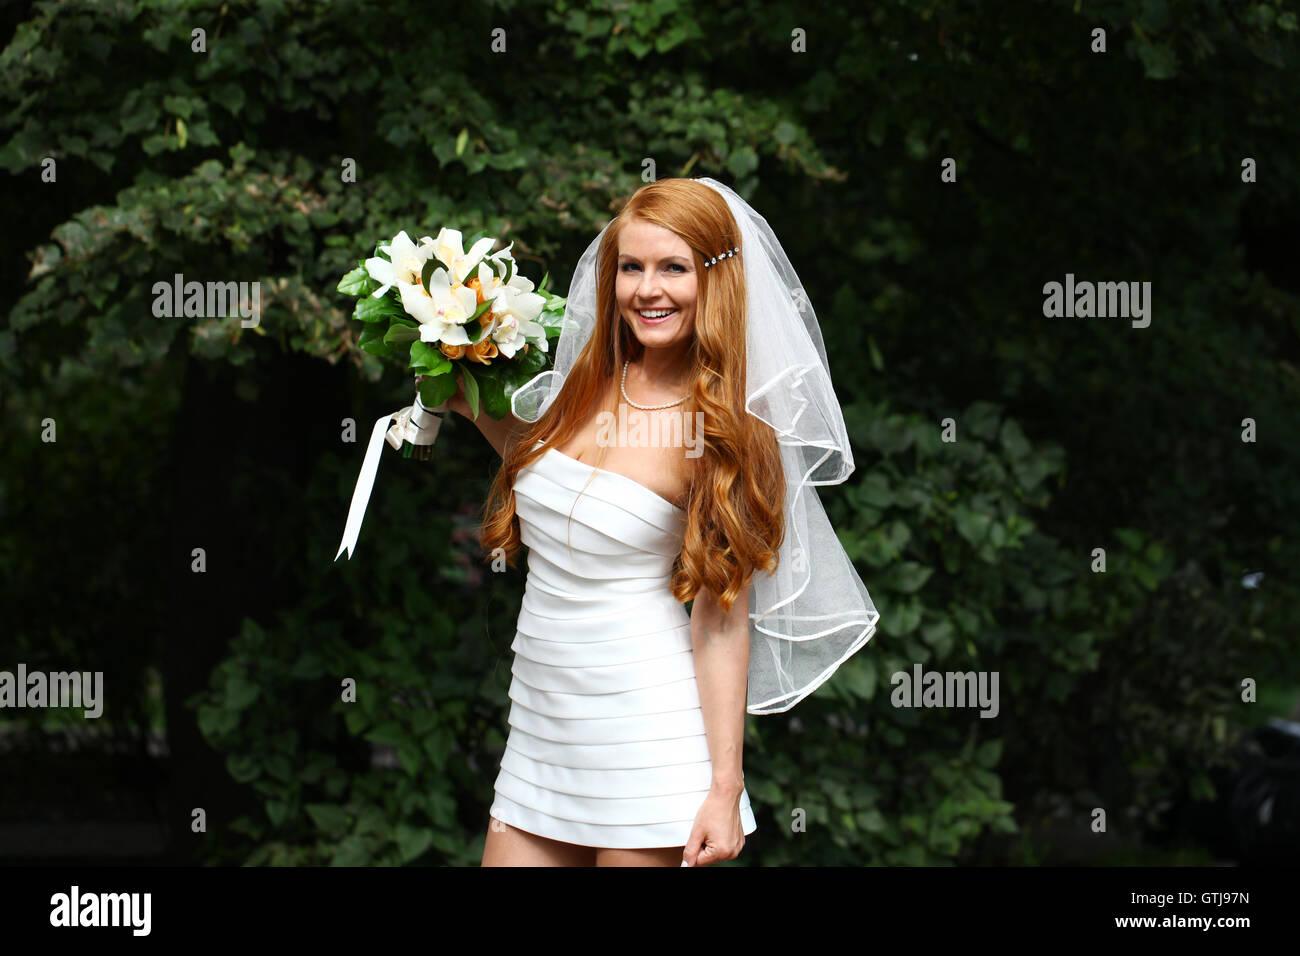 Schone Rote Haare Braut Brautkleid Tragen Stockfoto Bild 118416361